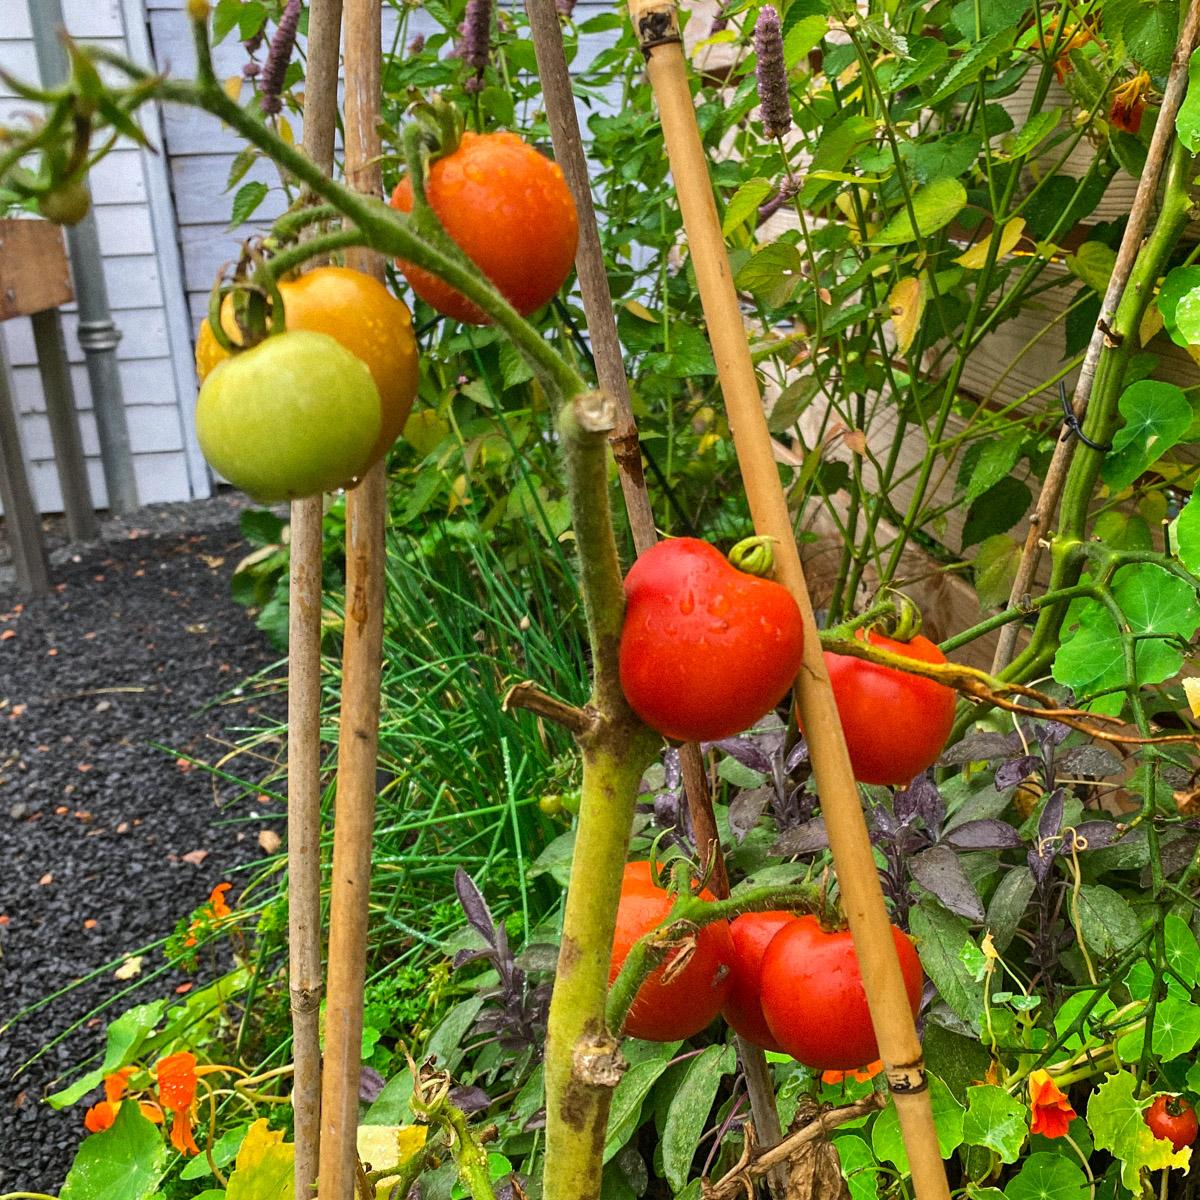 blog-1-sept-2021-tour-of-the-planty-garden14.jpg